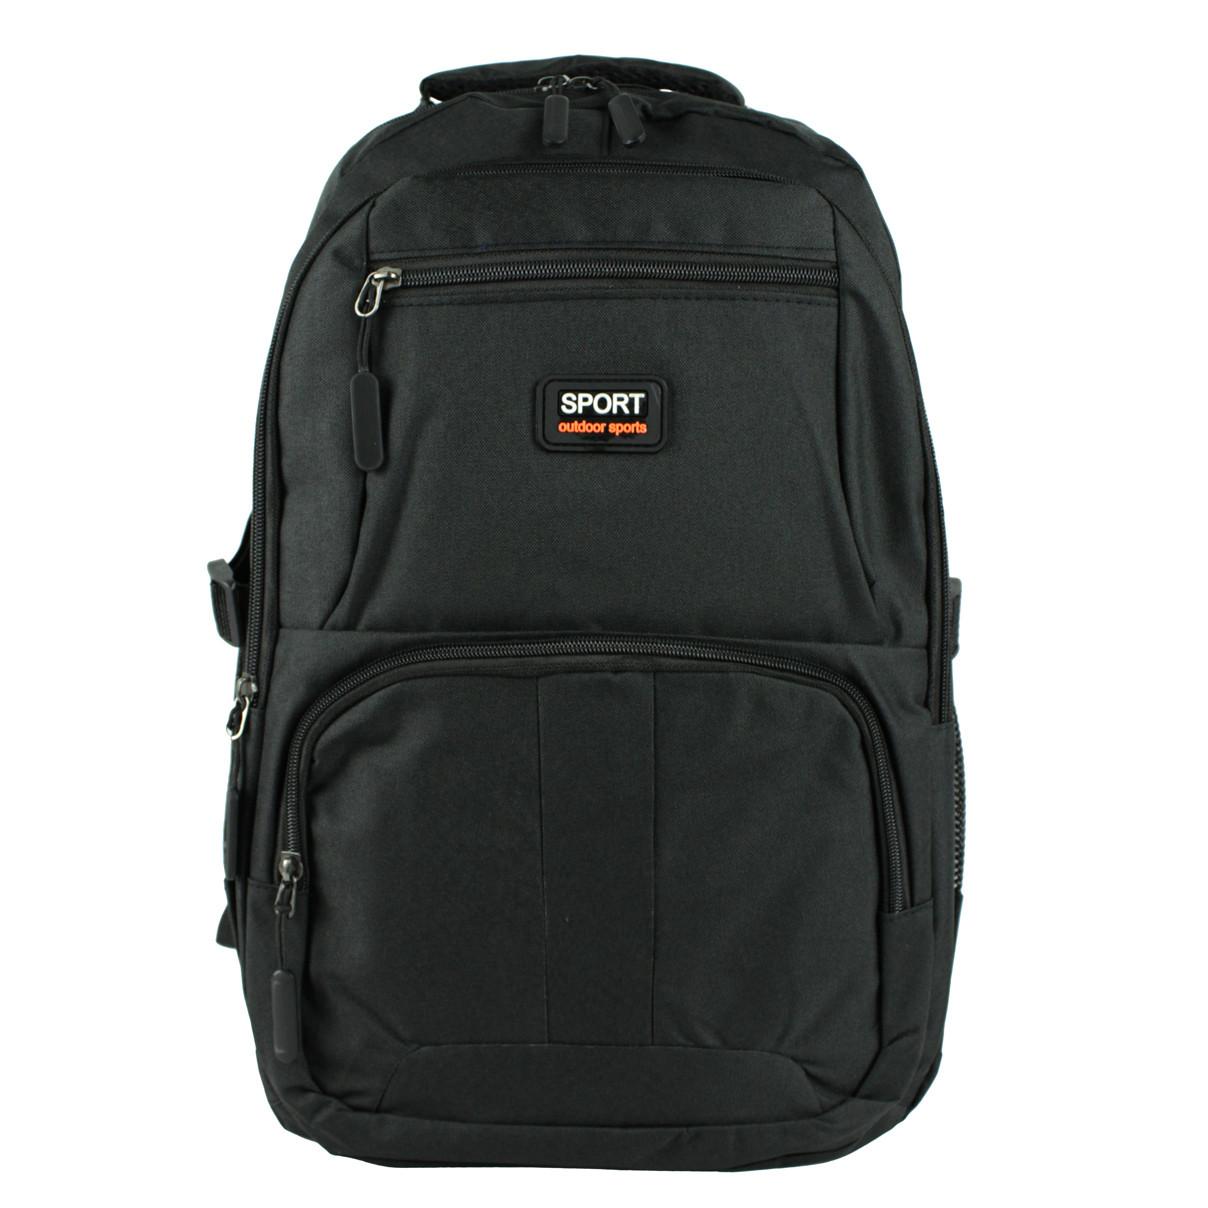 Рюкзак міський sport повсякденний тканинний чорний